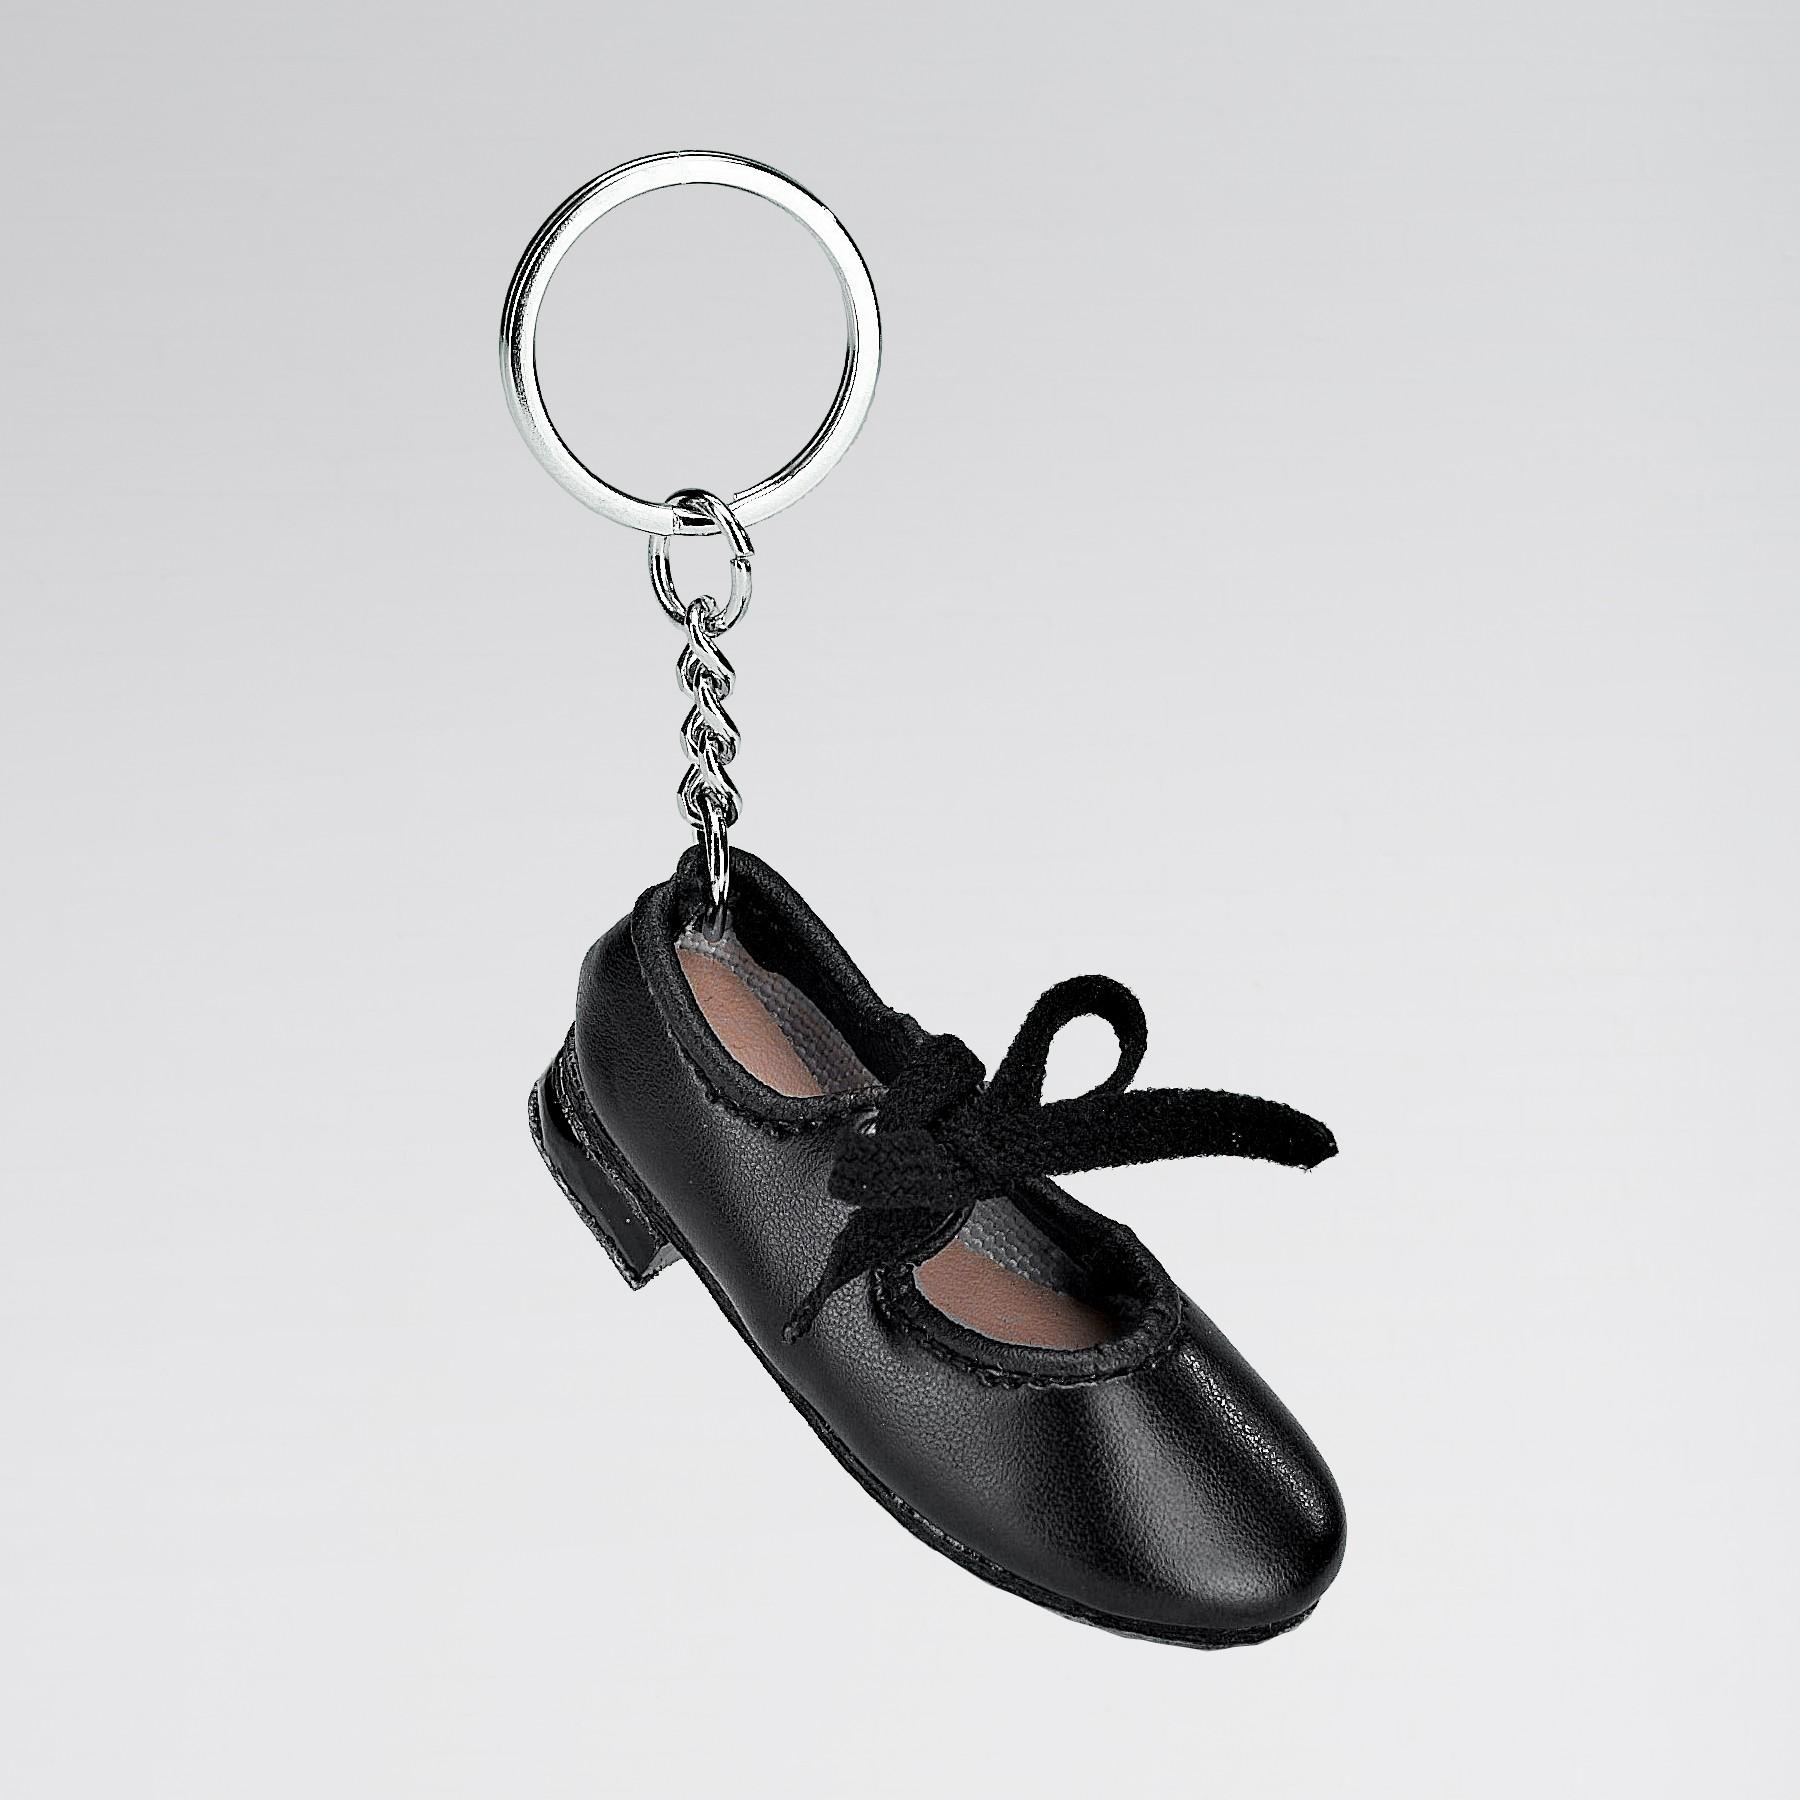 Katz Tap Shoe Keyring